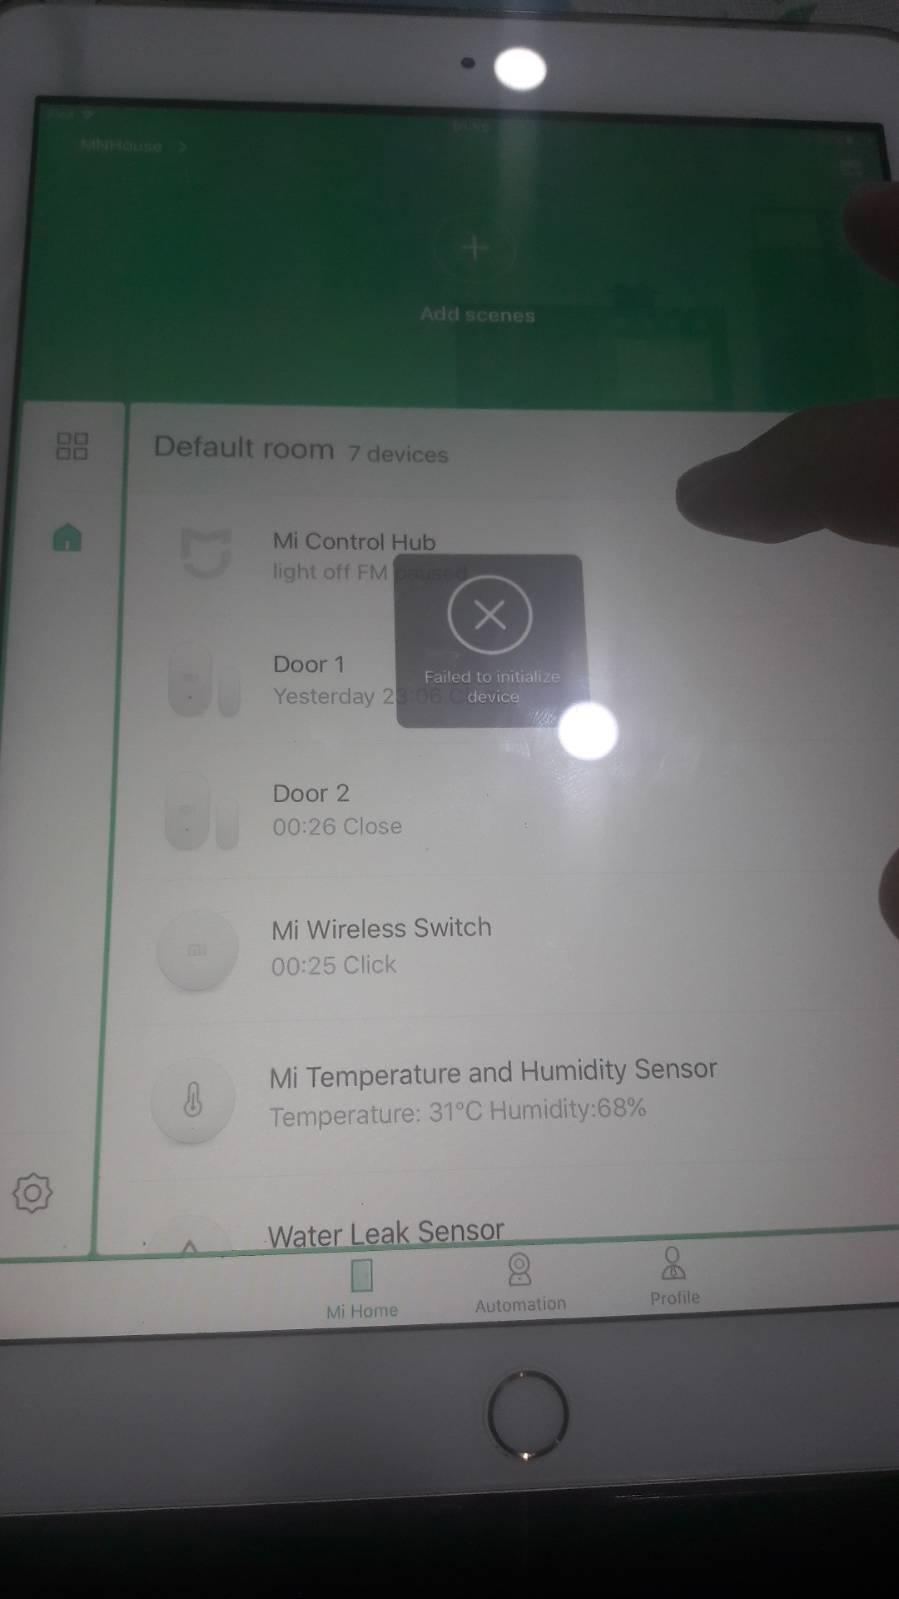 ชุด smart home mijia เชื่อม gateway ไม่ได้ - Pantip